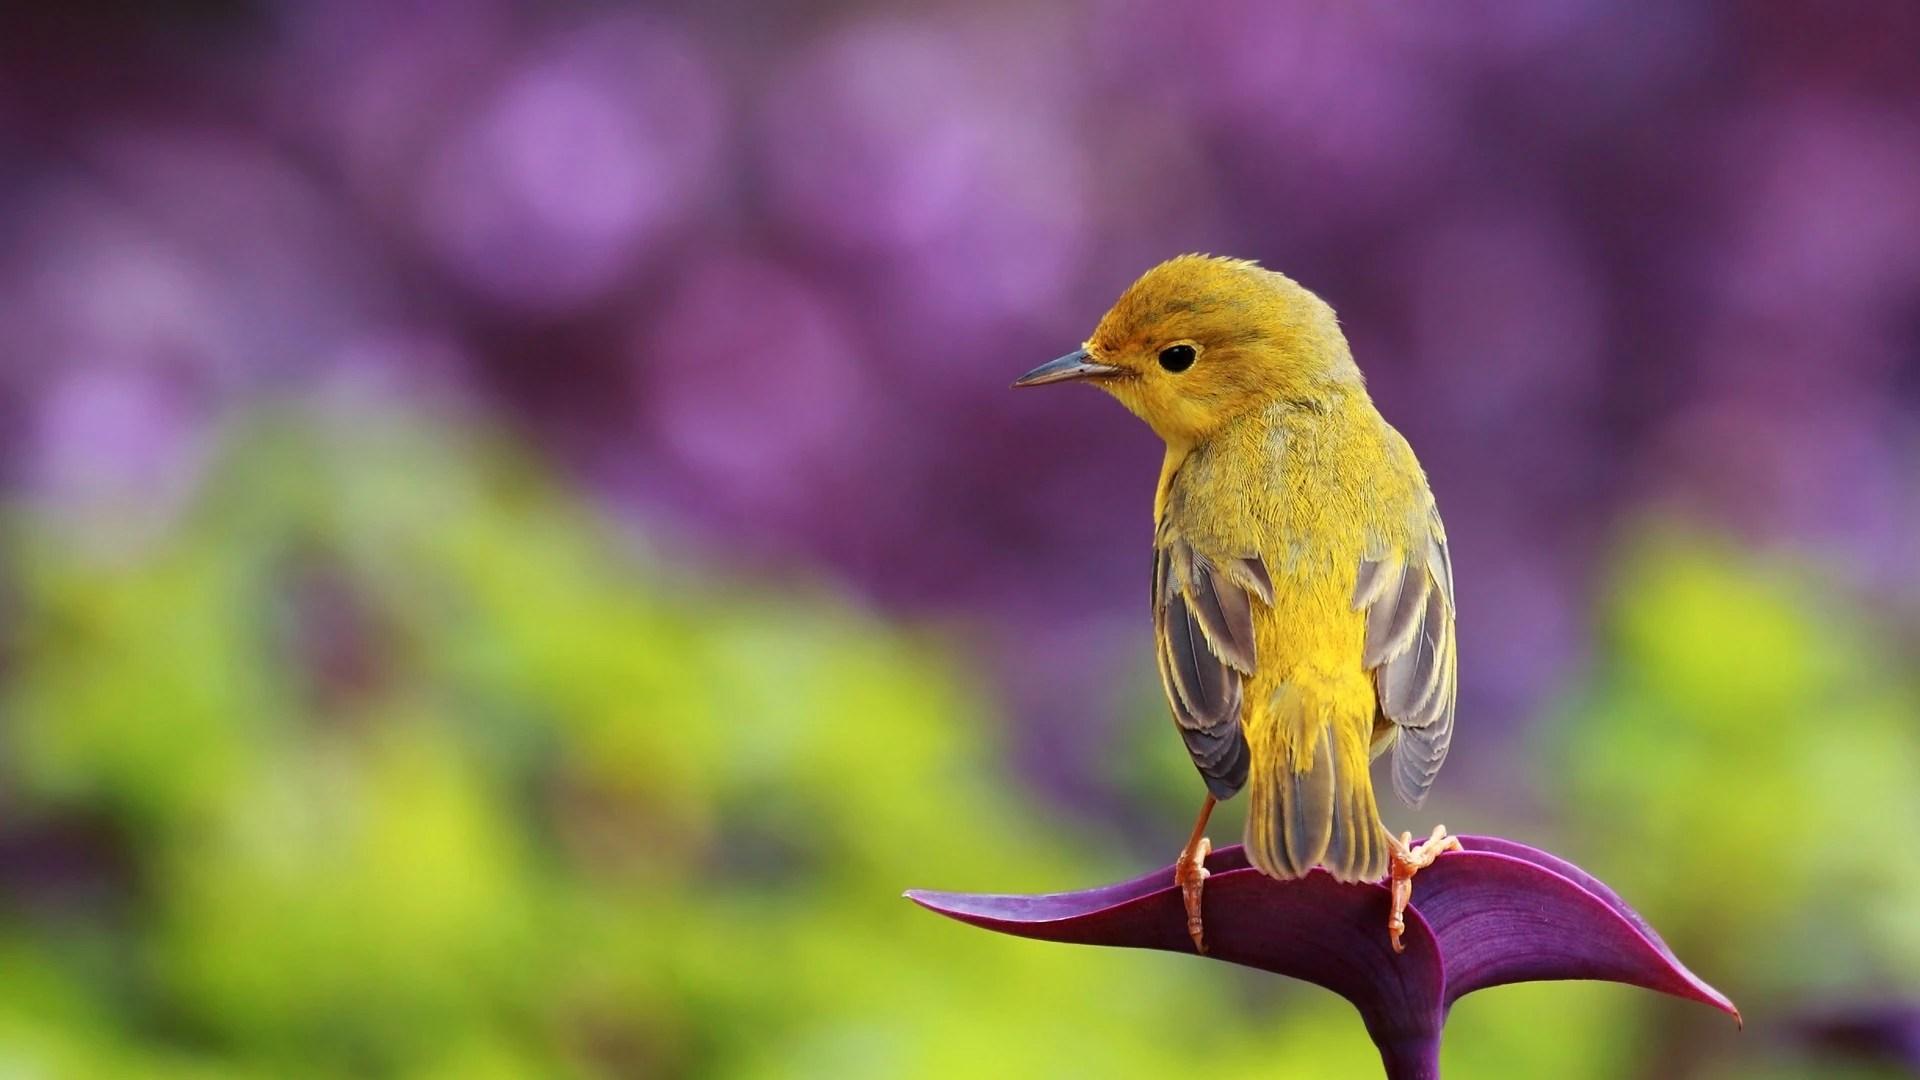 Nature bird Wallpaper